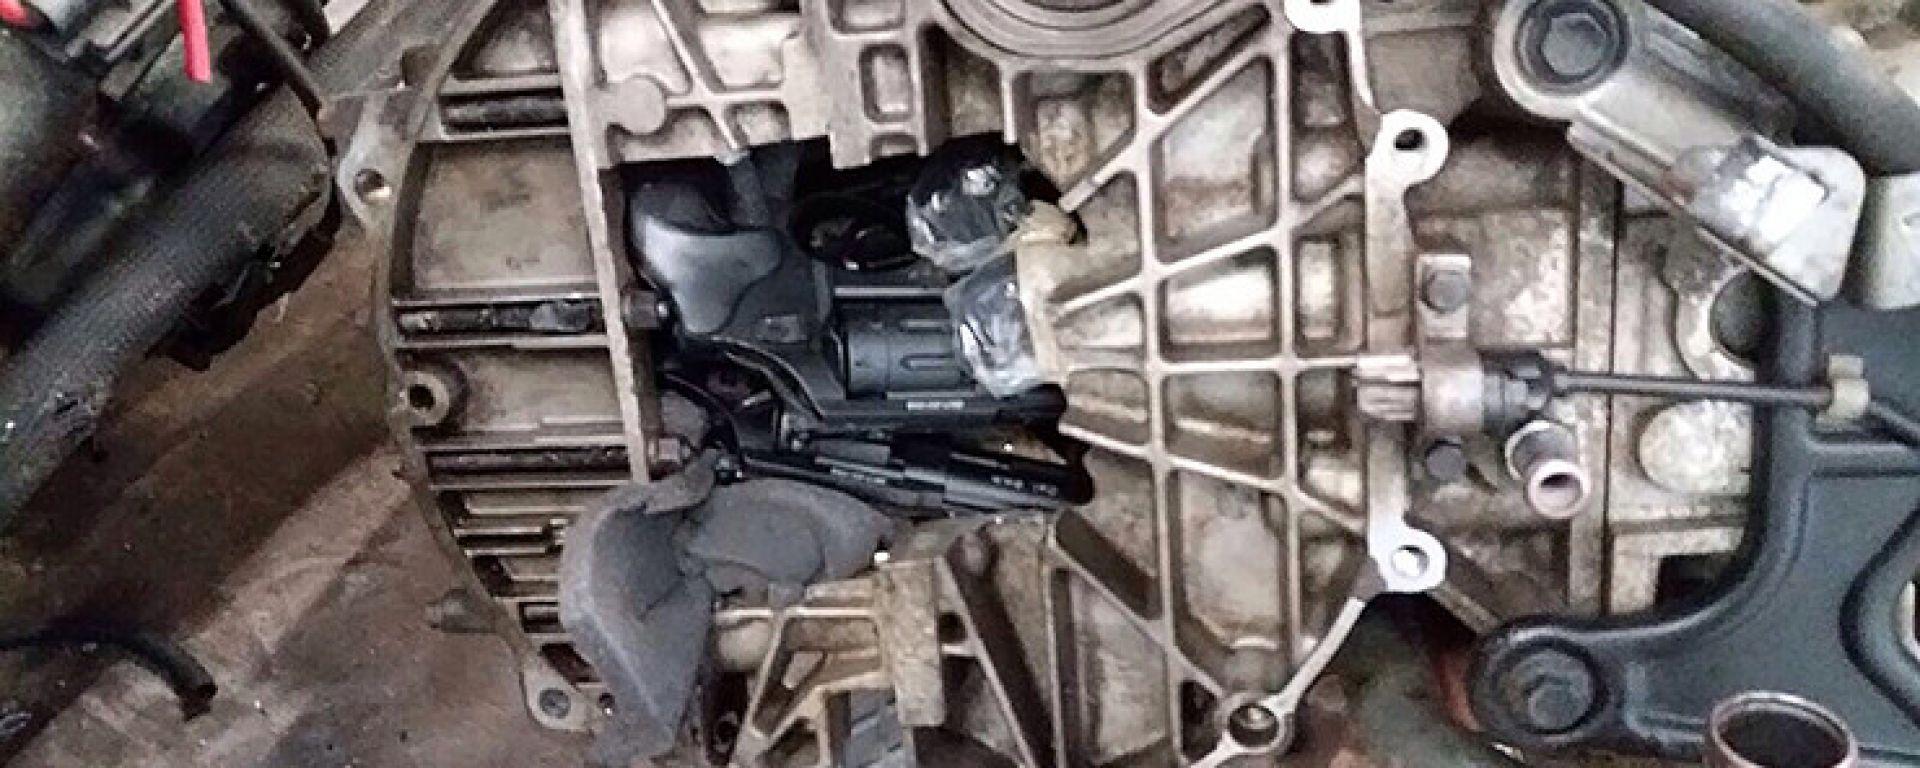 Alcune delle armi nascoste nei motori